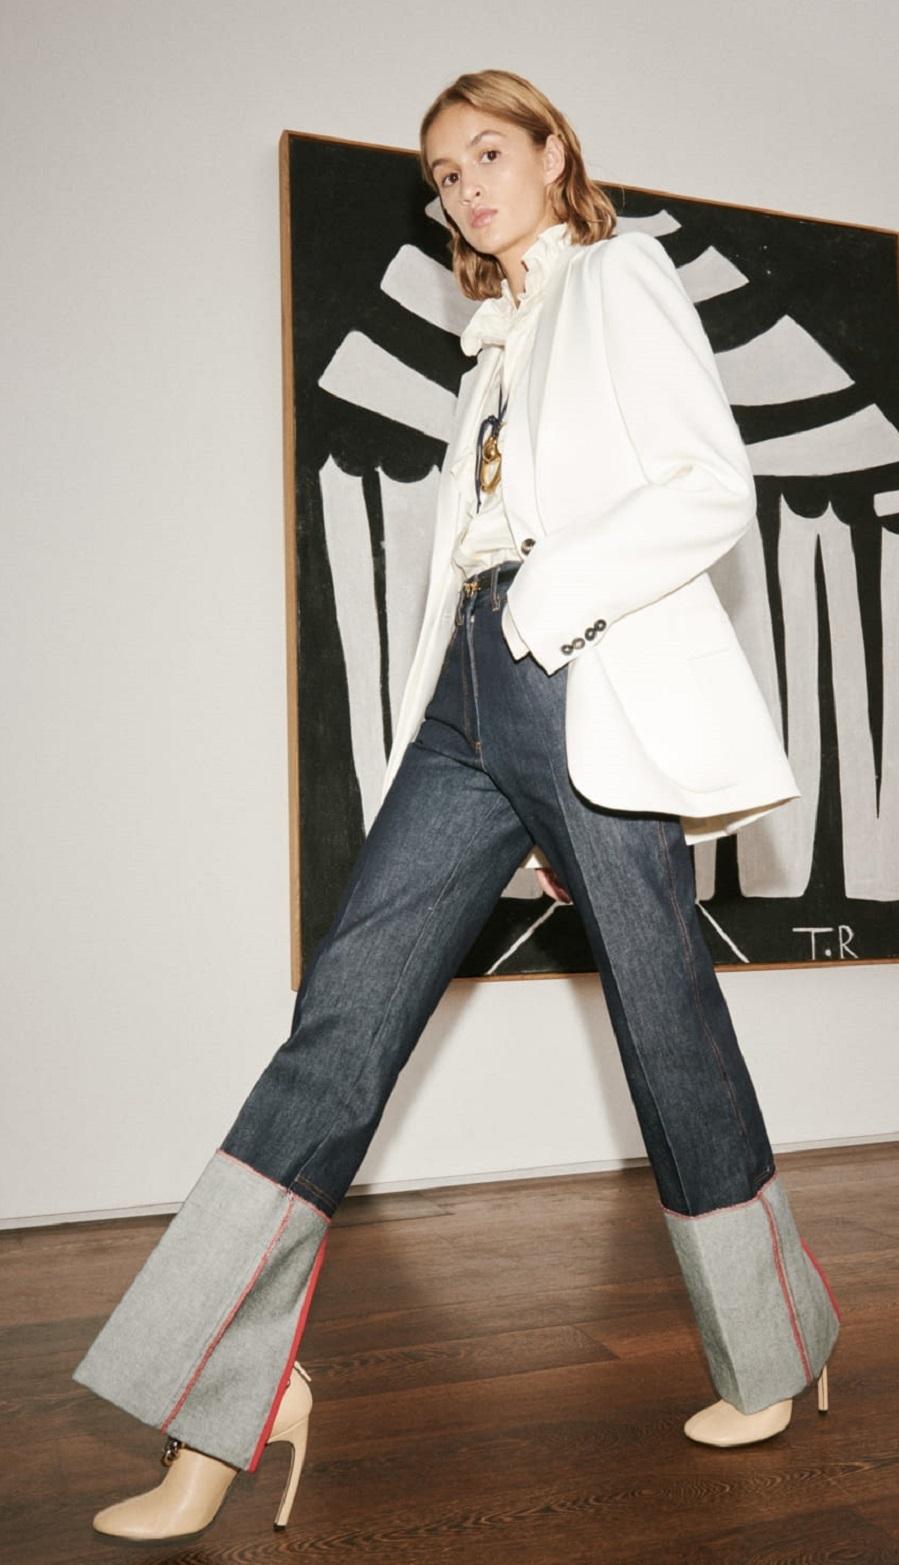 Americana y jeans, la pareja del año - Victoria Beckham